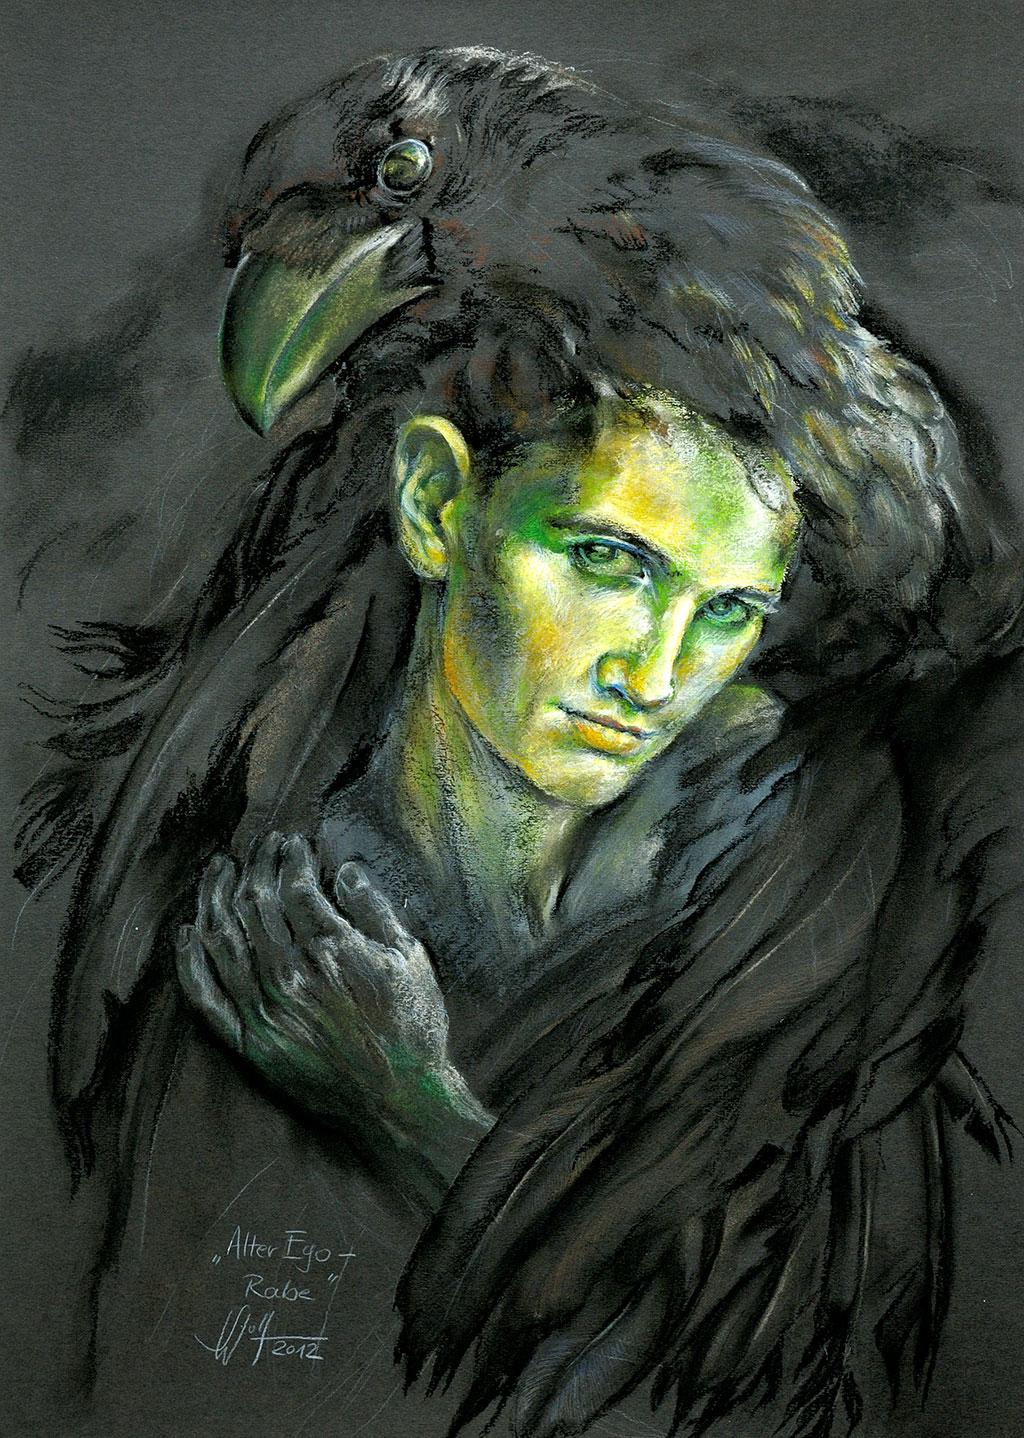 Alter Ego: Rabe Bilder Malerei und Zeichnung Portraits